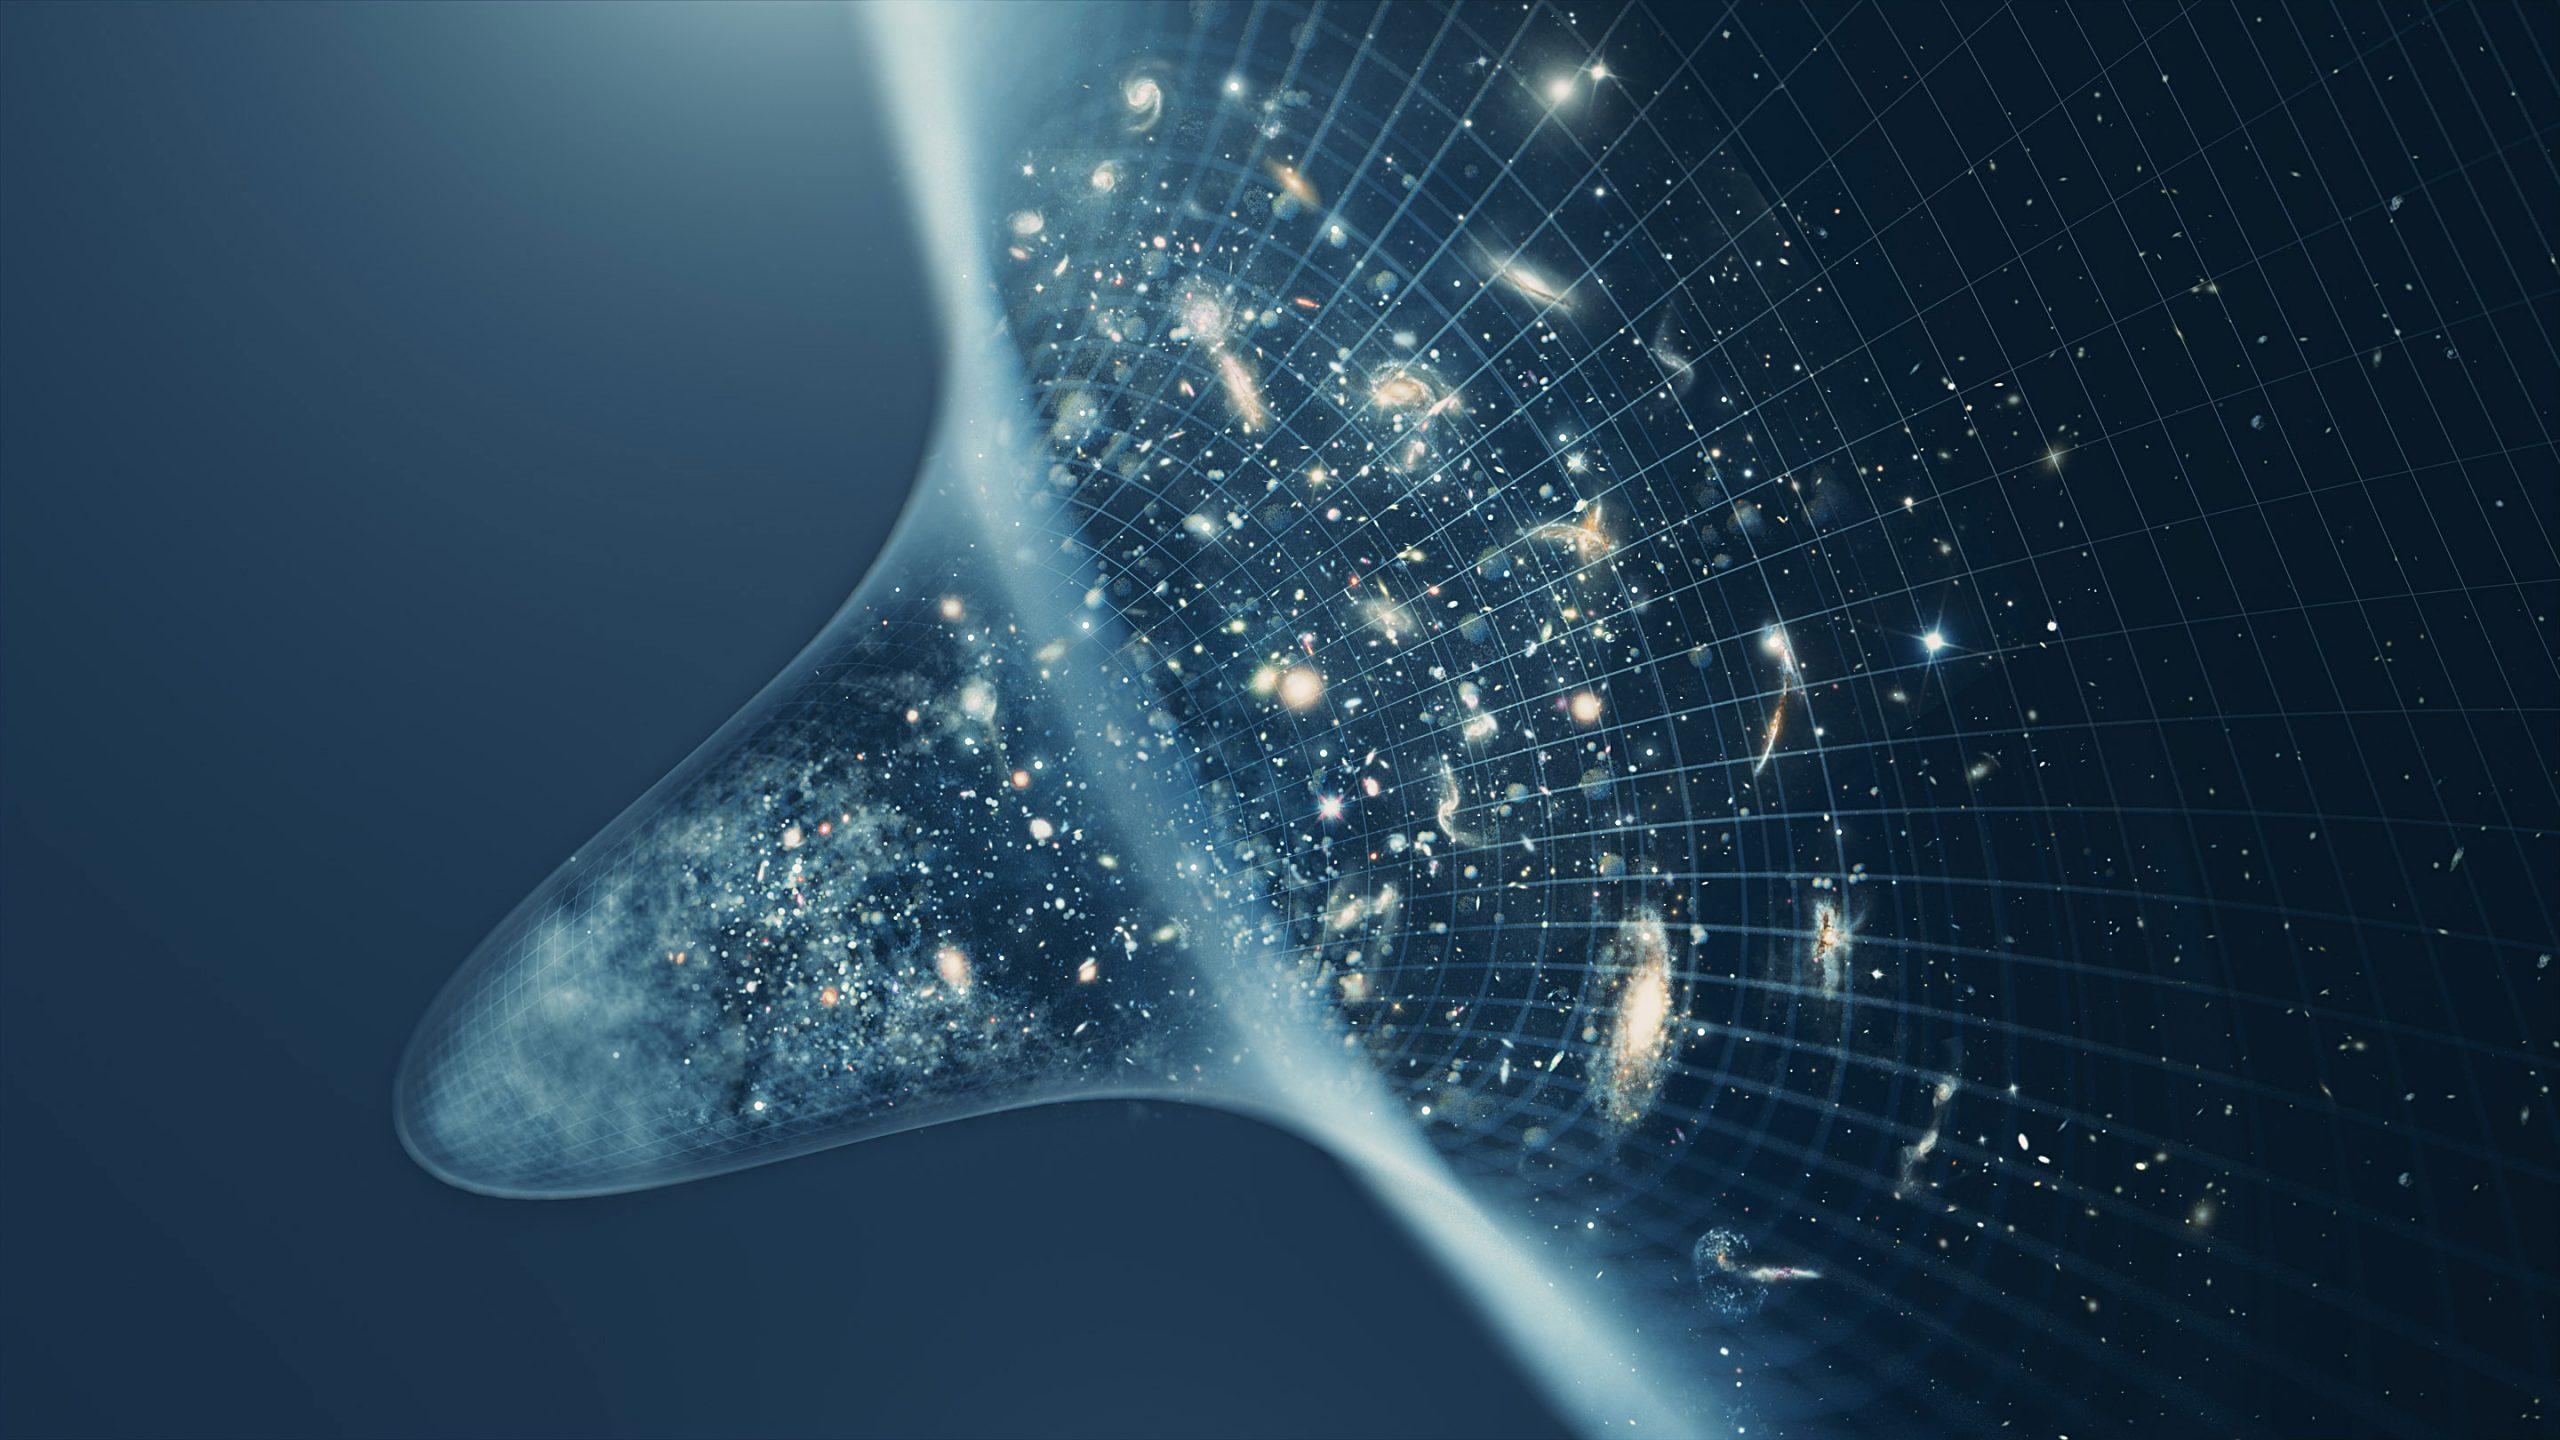 Teorii si ipoteze stiintifice terifiante